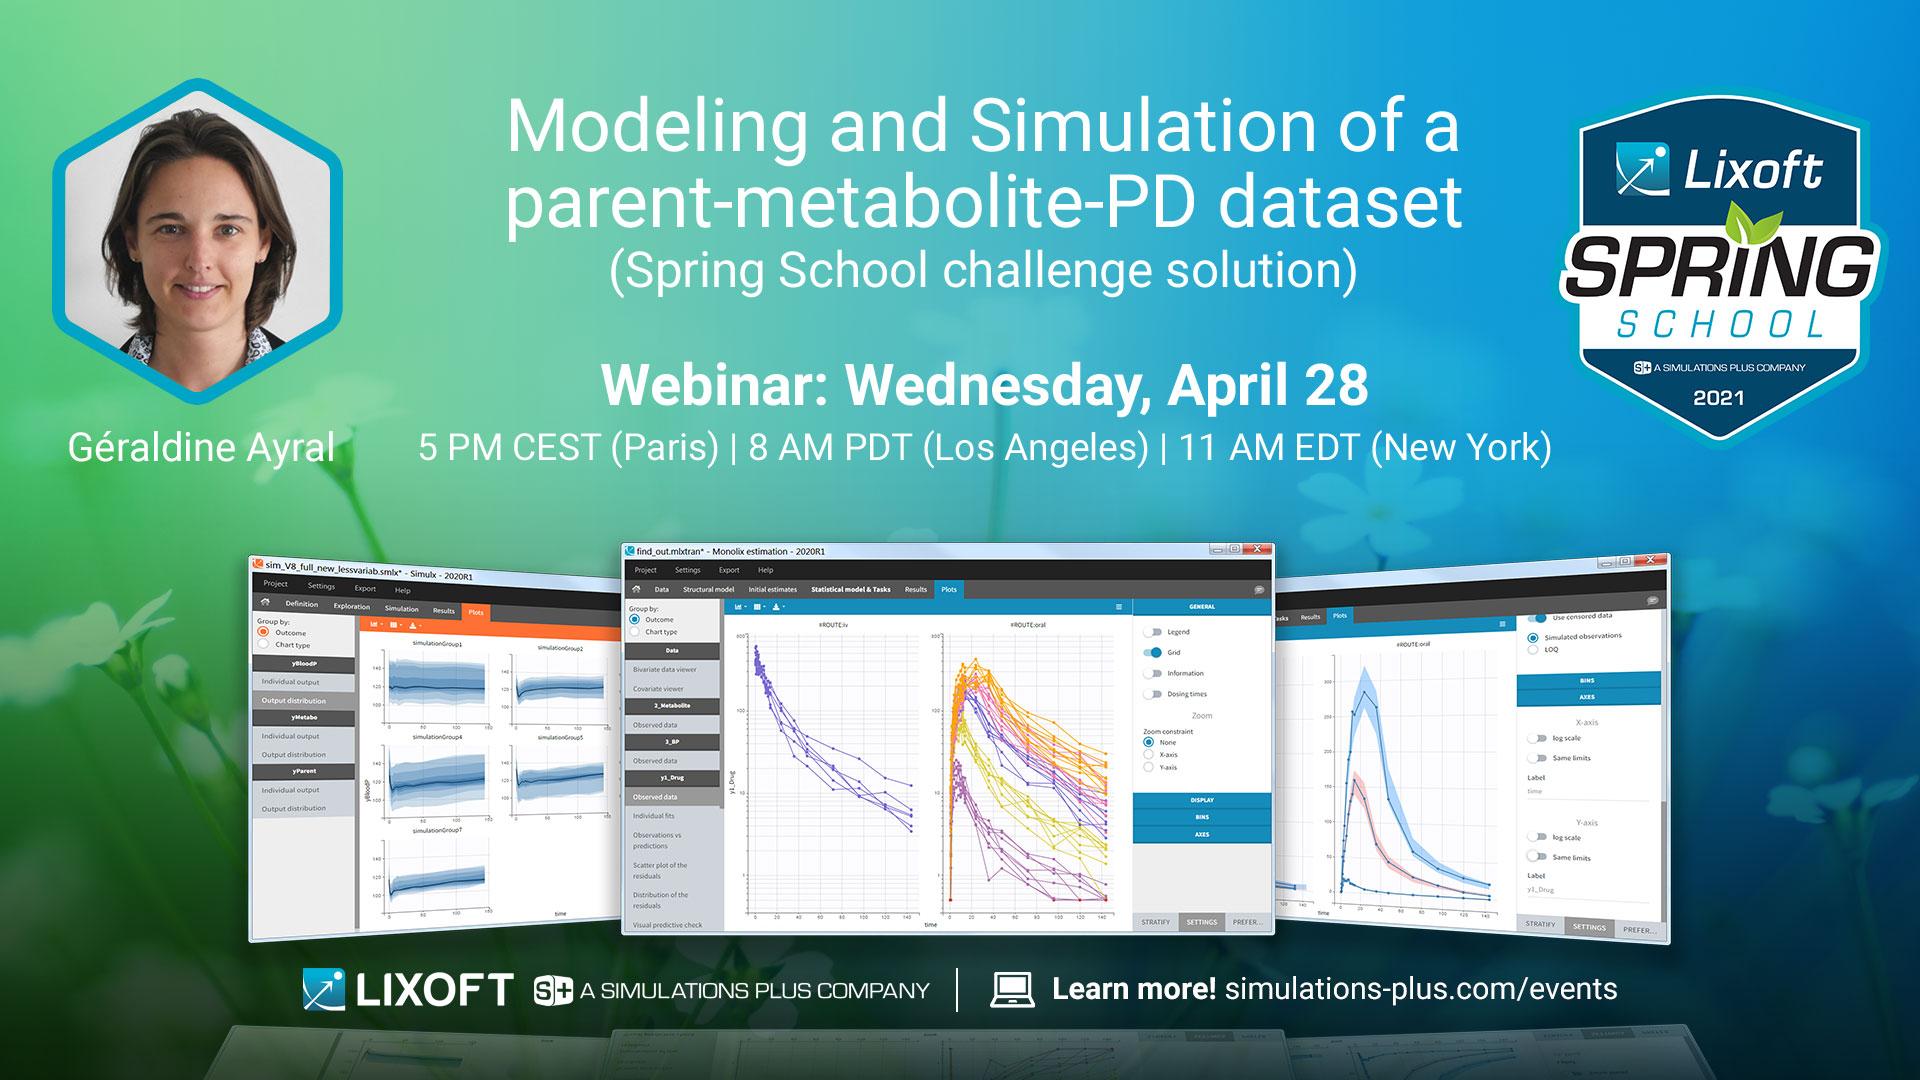 Modeling and simulation of parent-metabolite-PF dataset spring school challenge solution webinar lixoft wedenseday april 28 geraldine ayral